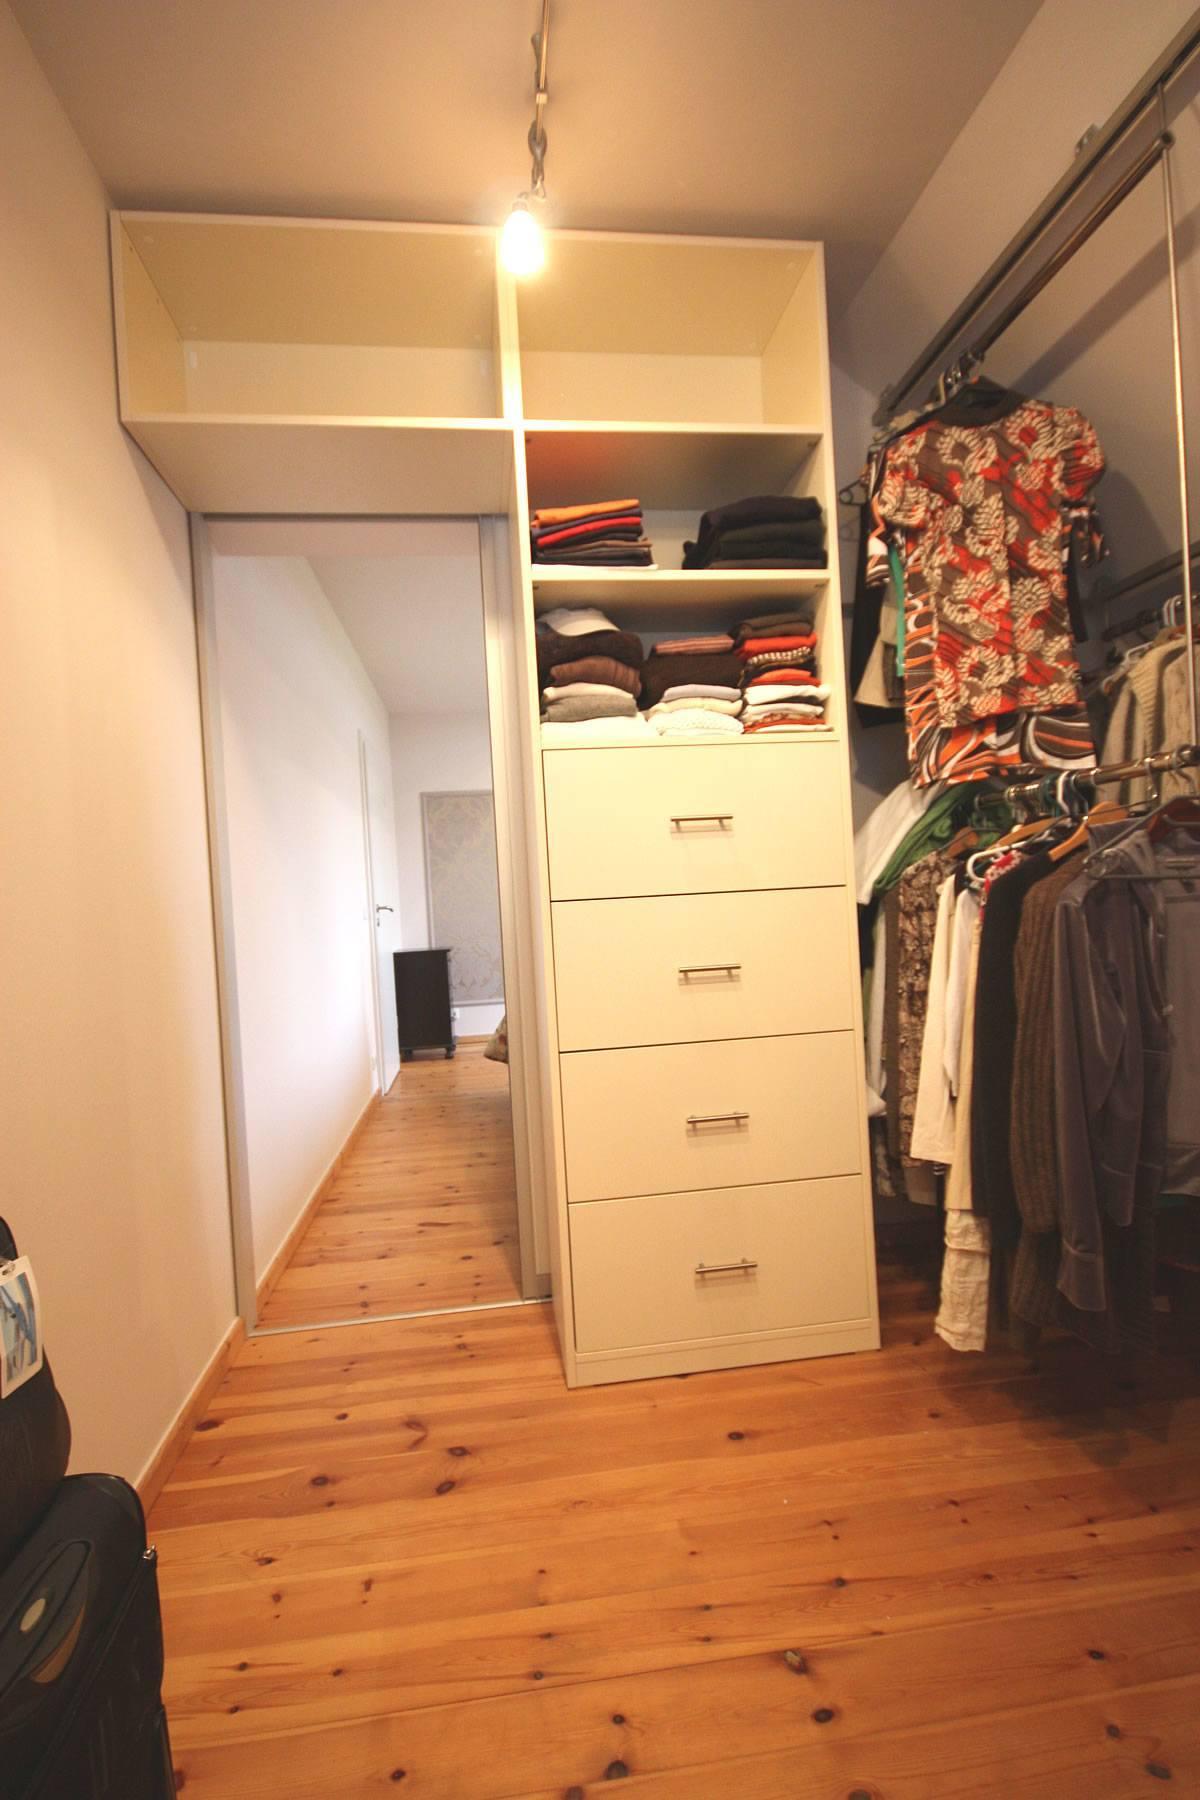 Durch das Schließen der Wand zum Schlafzimmer entstand dieses geräumige Ankleidezimmer mit Platz für Schränke.